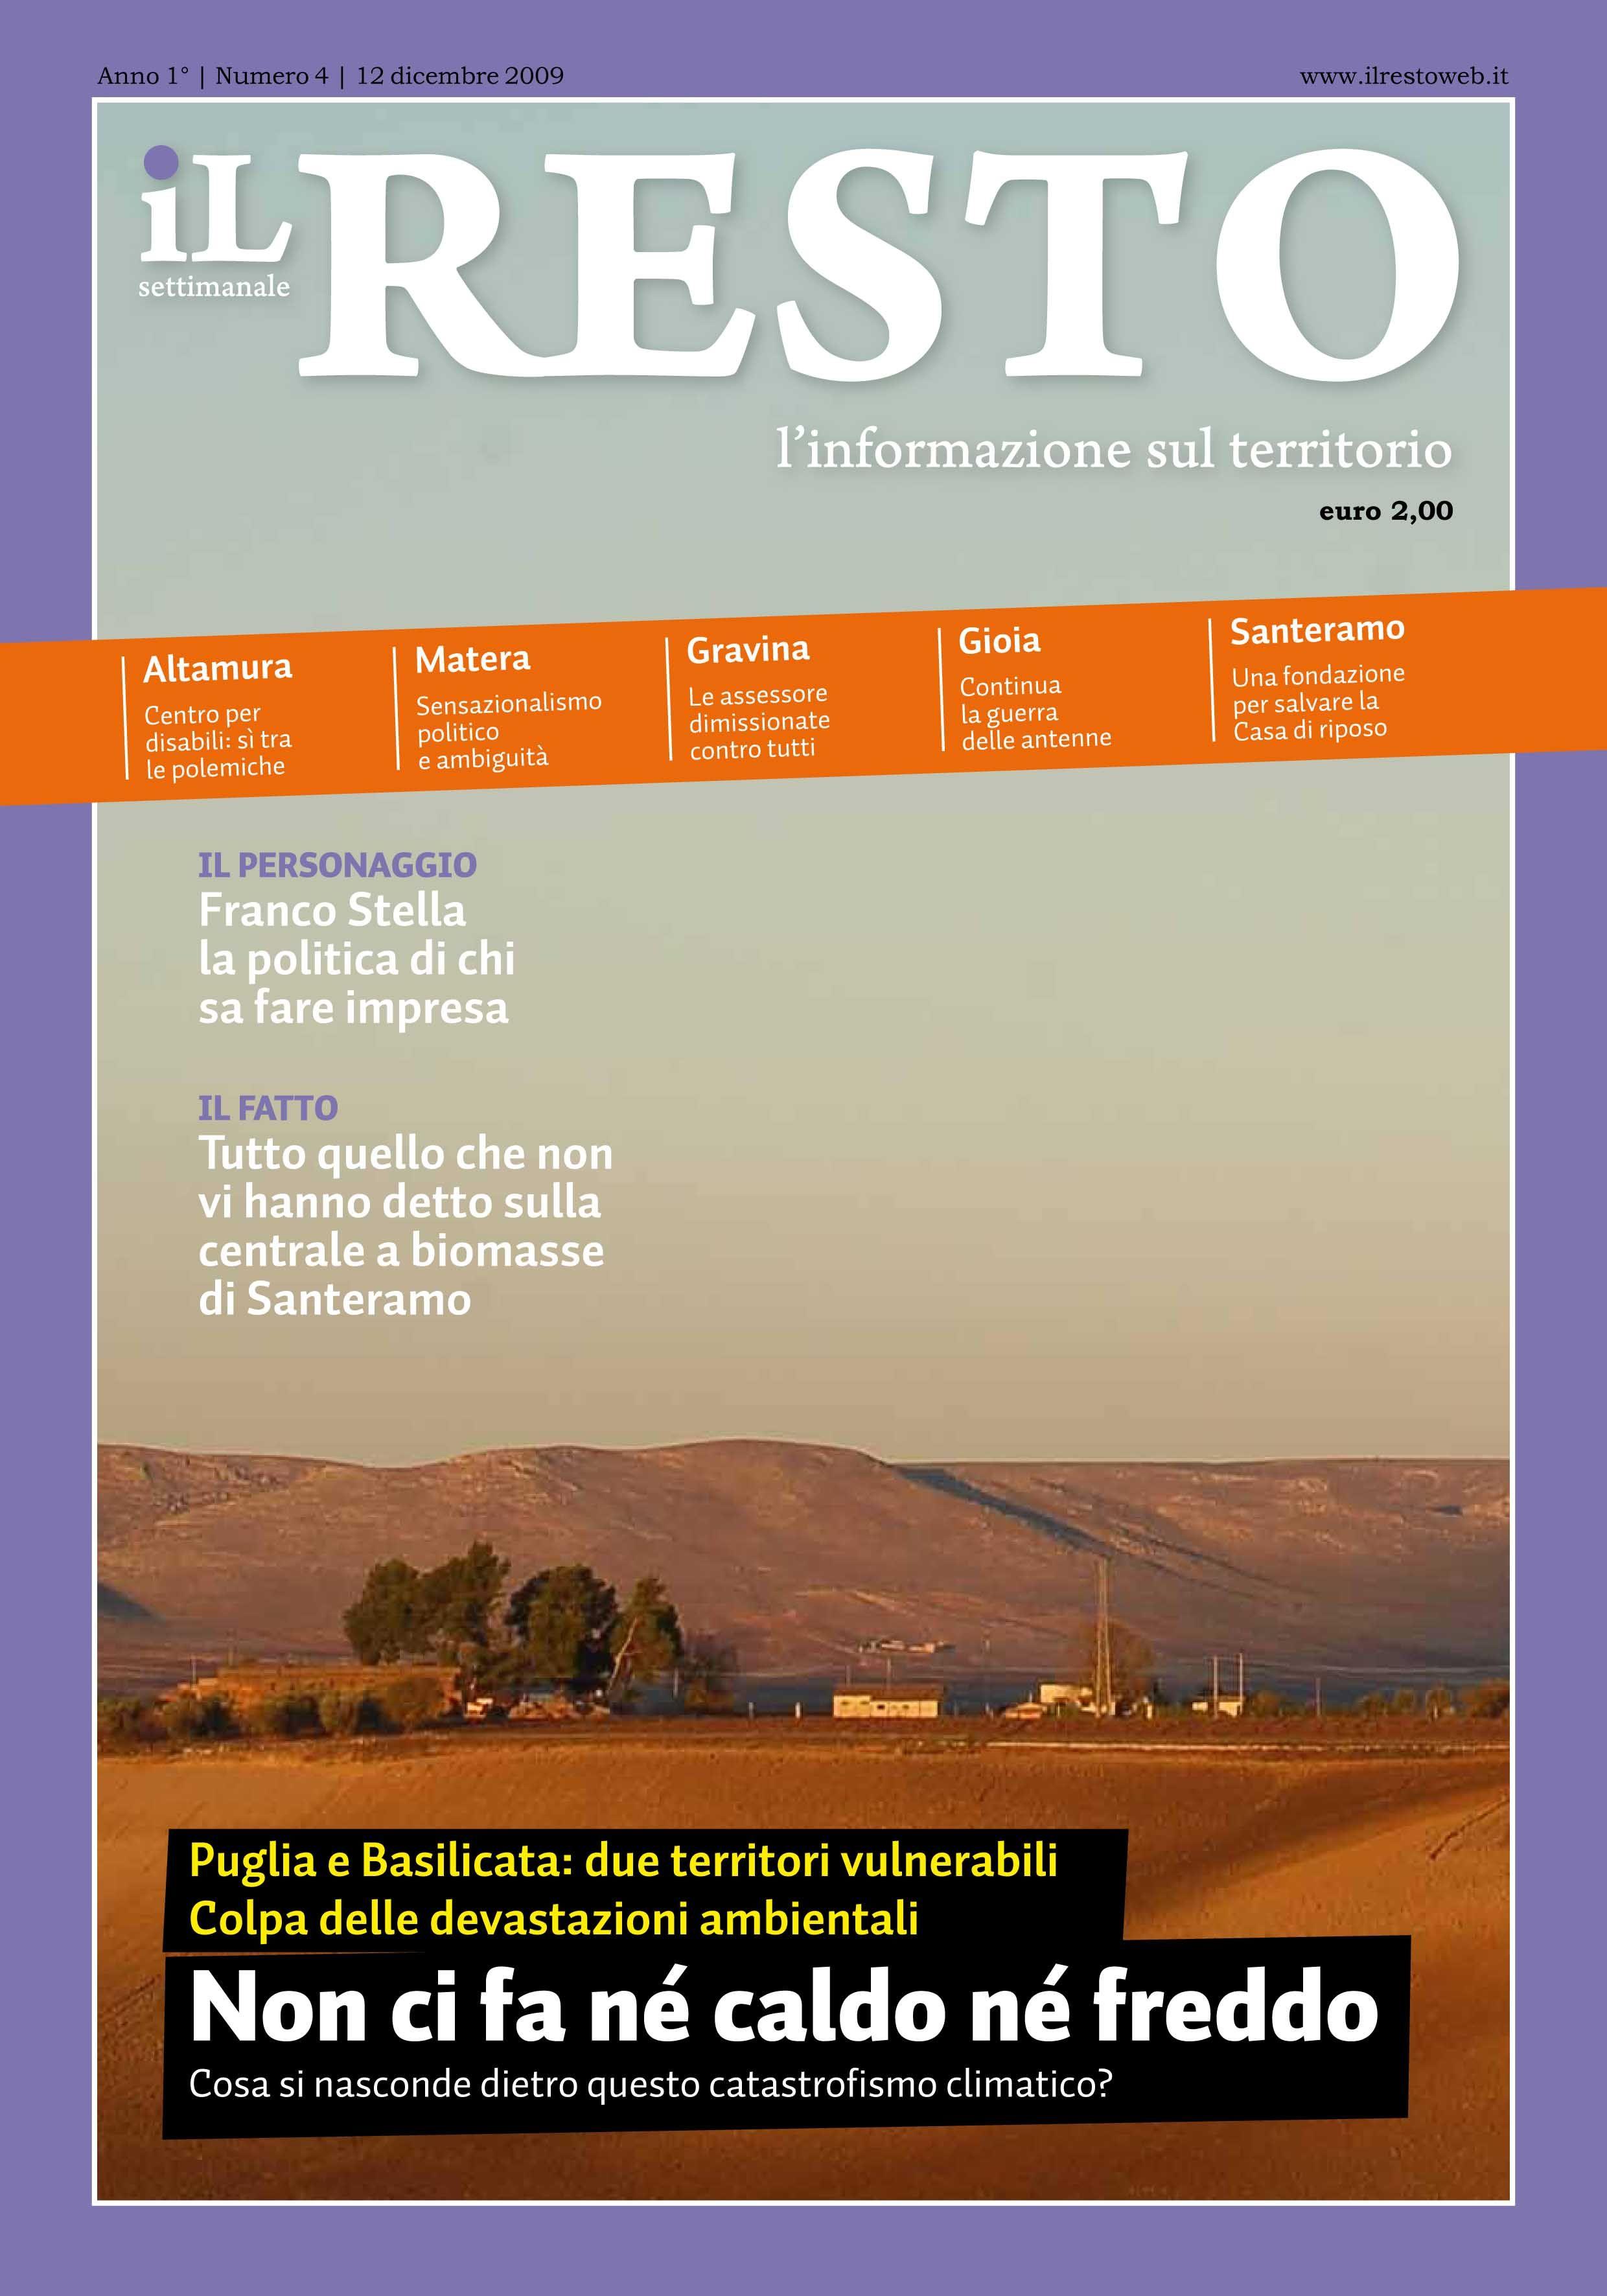 La copertina del n. 4 del settimanale iL Resto - è possibile scaricare la copia in formato elettronico all'indirizzo www.ilresto.tv/archivio